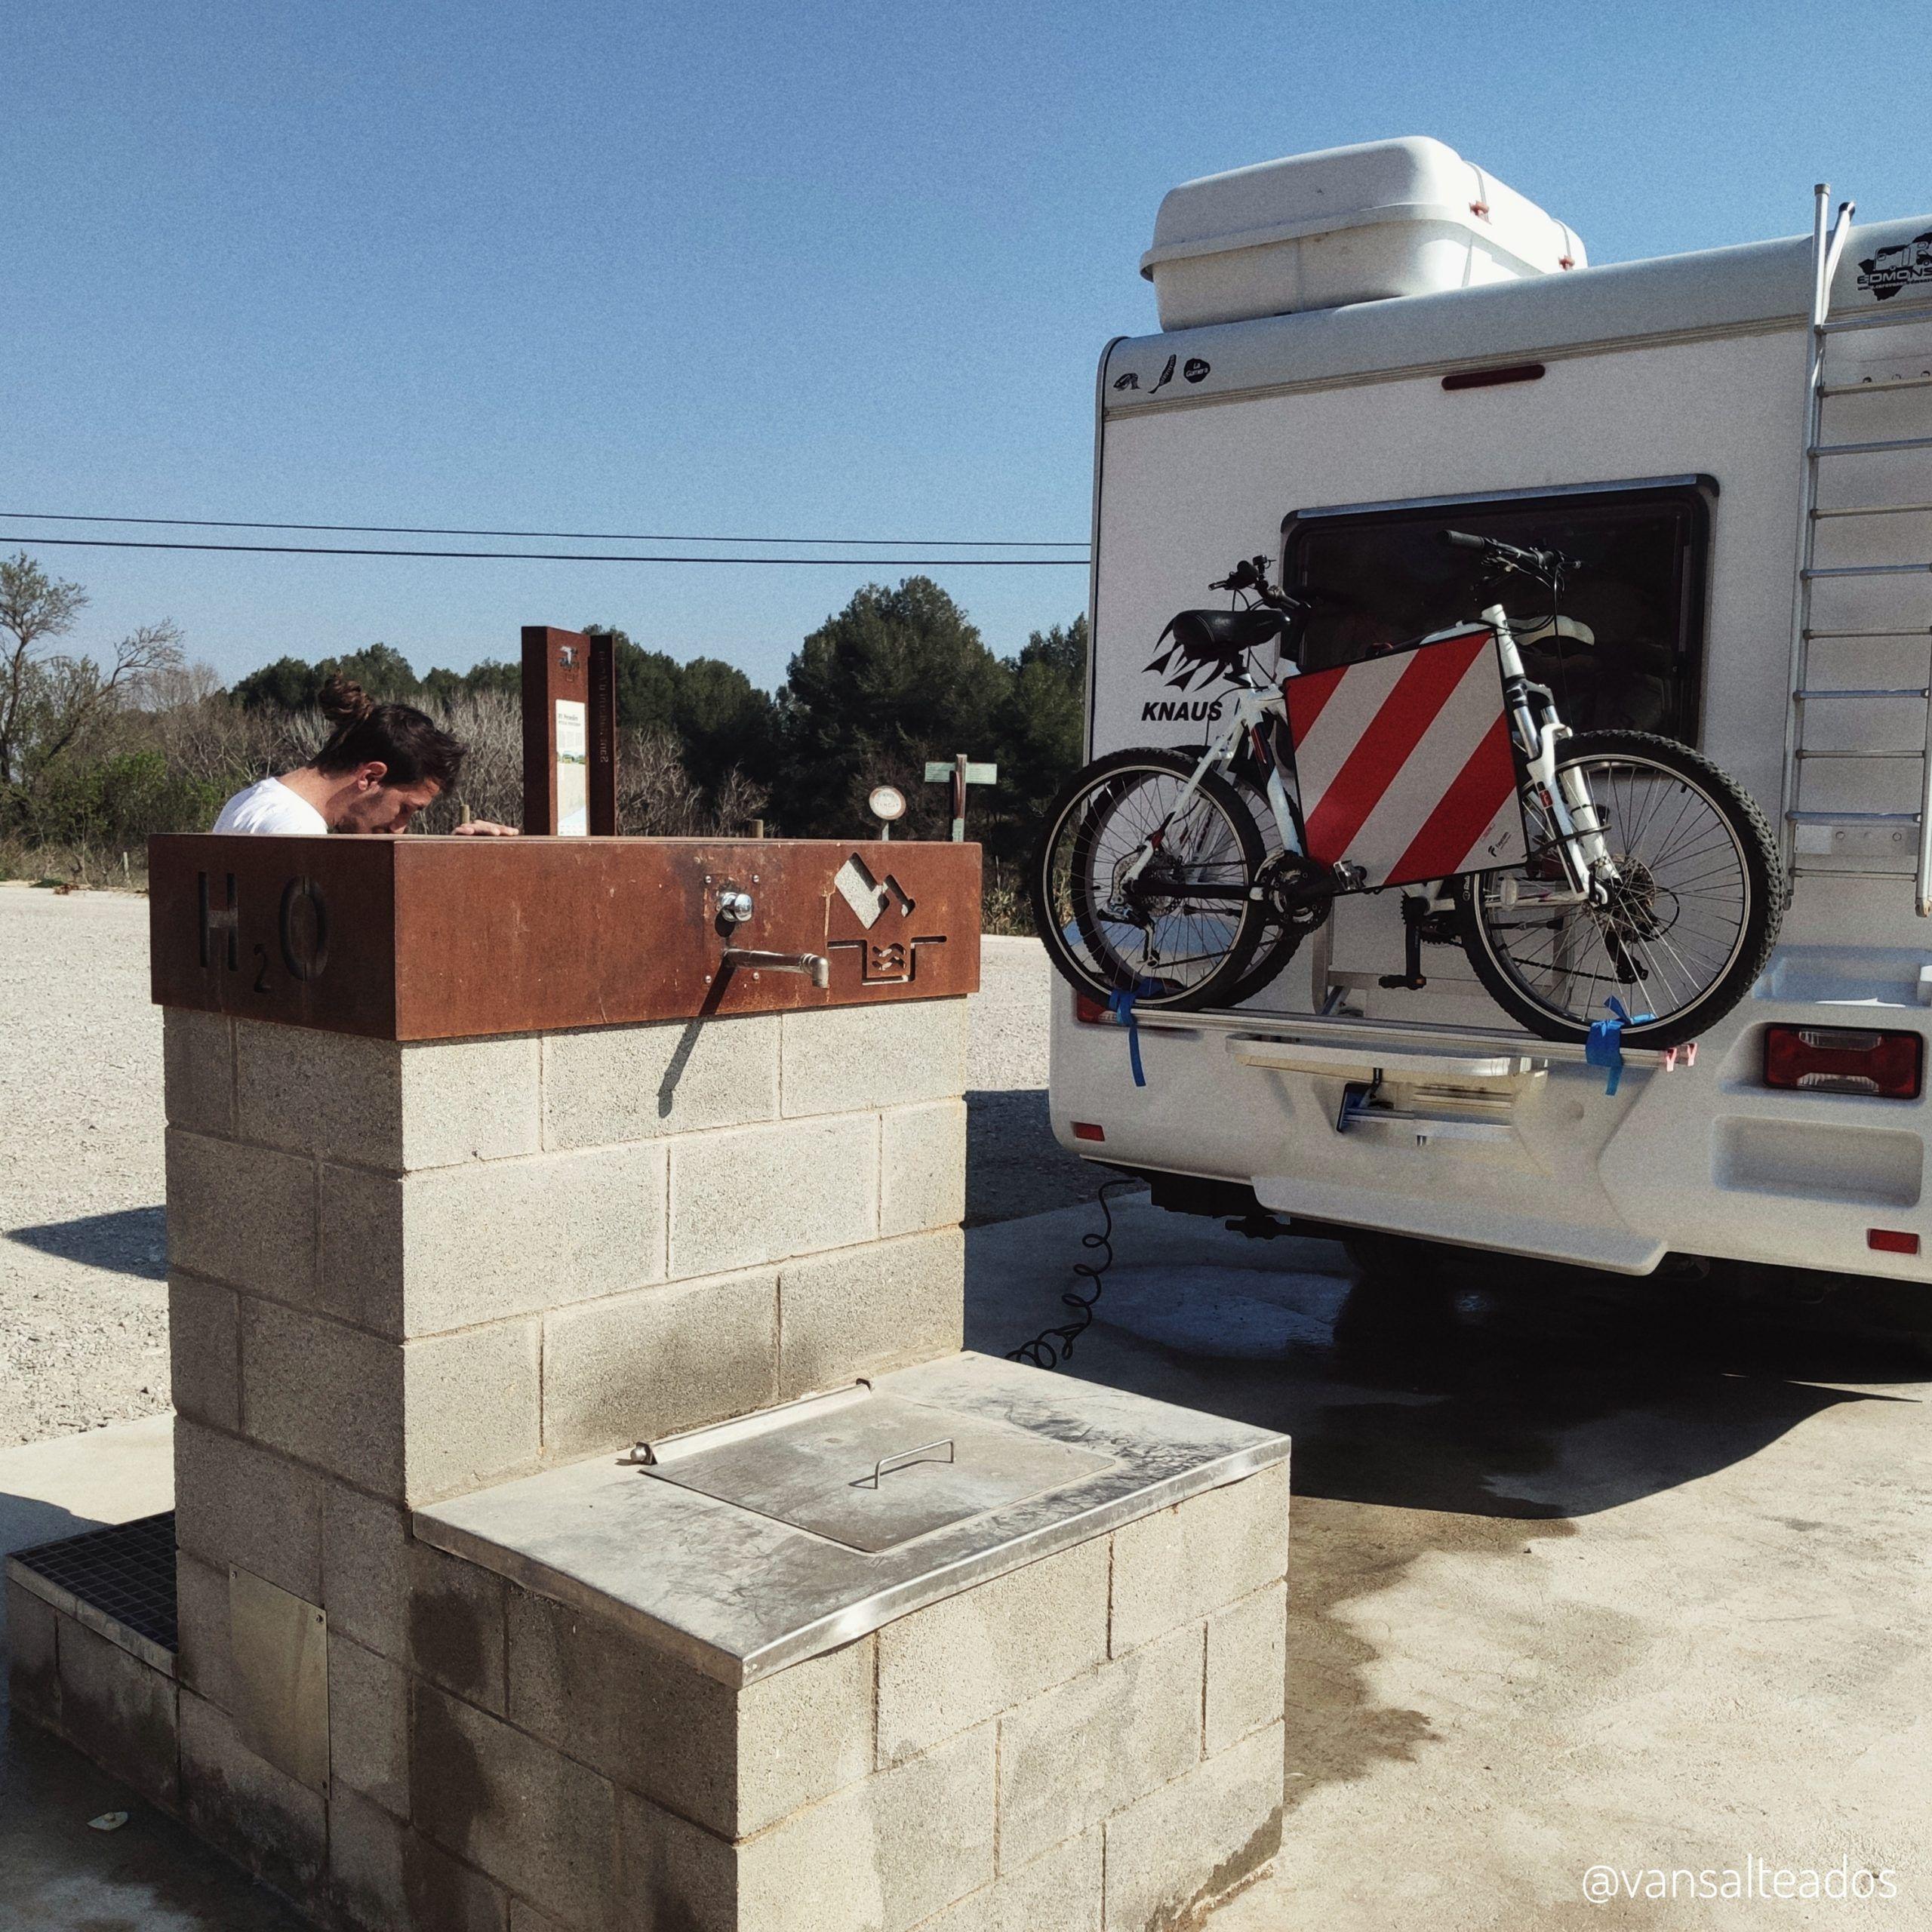 Área de autocaravanas: vaciado de aguas y baño químco